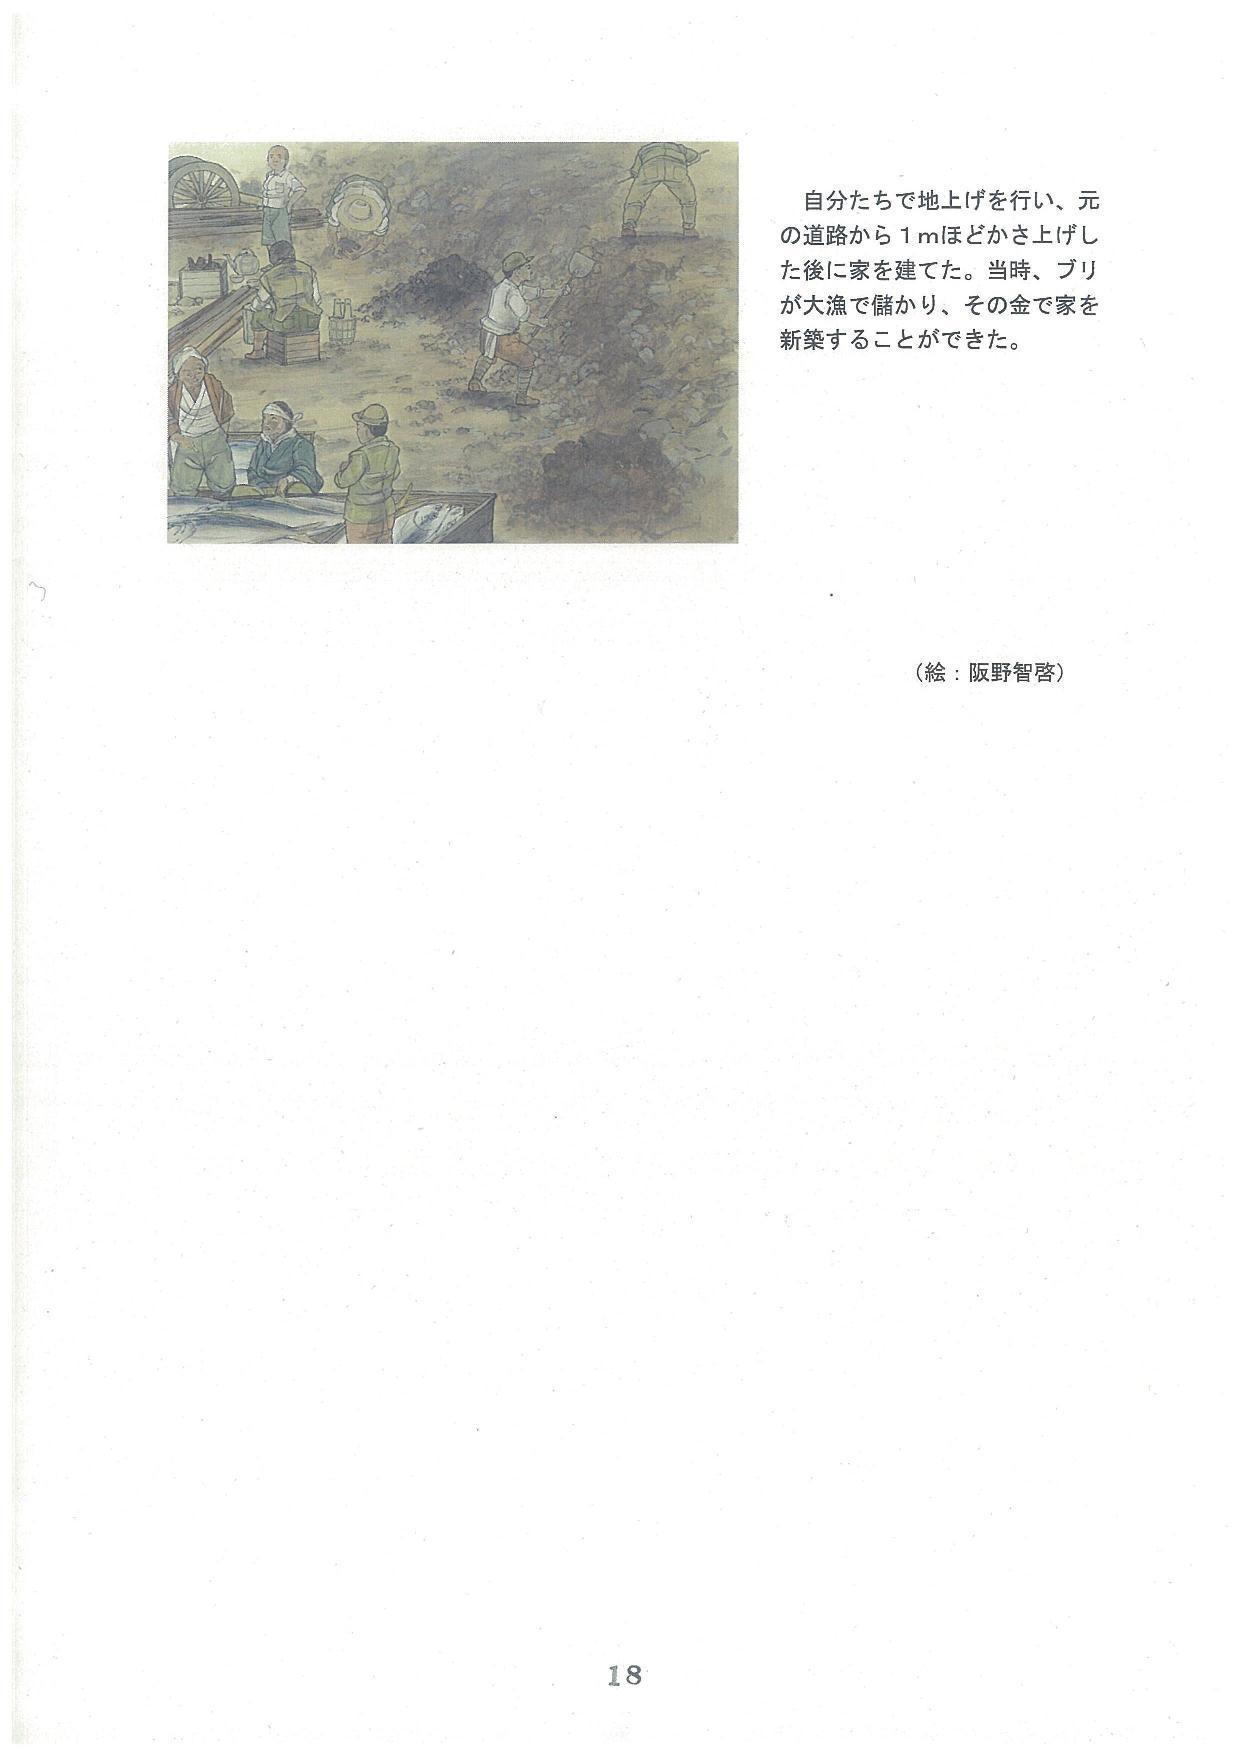 20171208-02_ページ_18